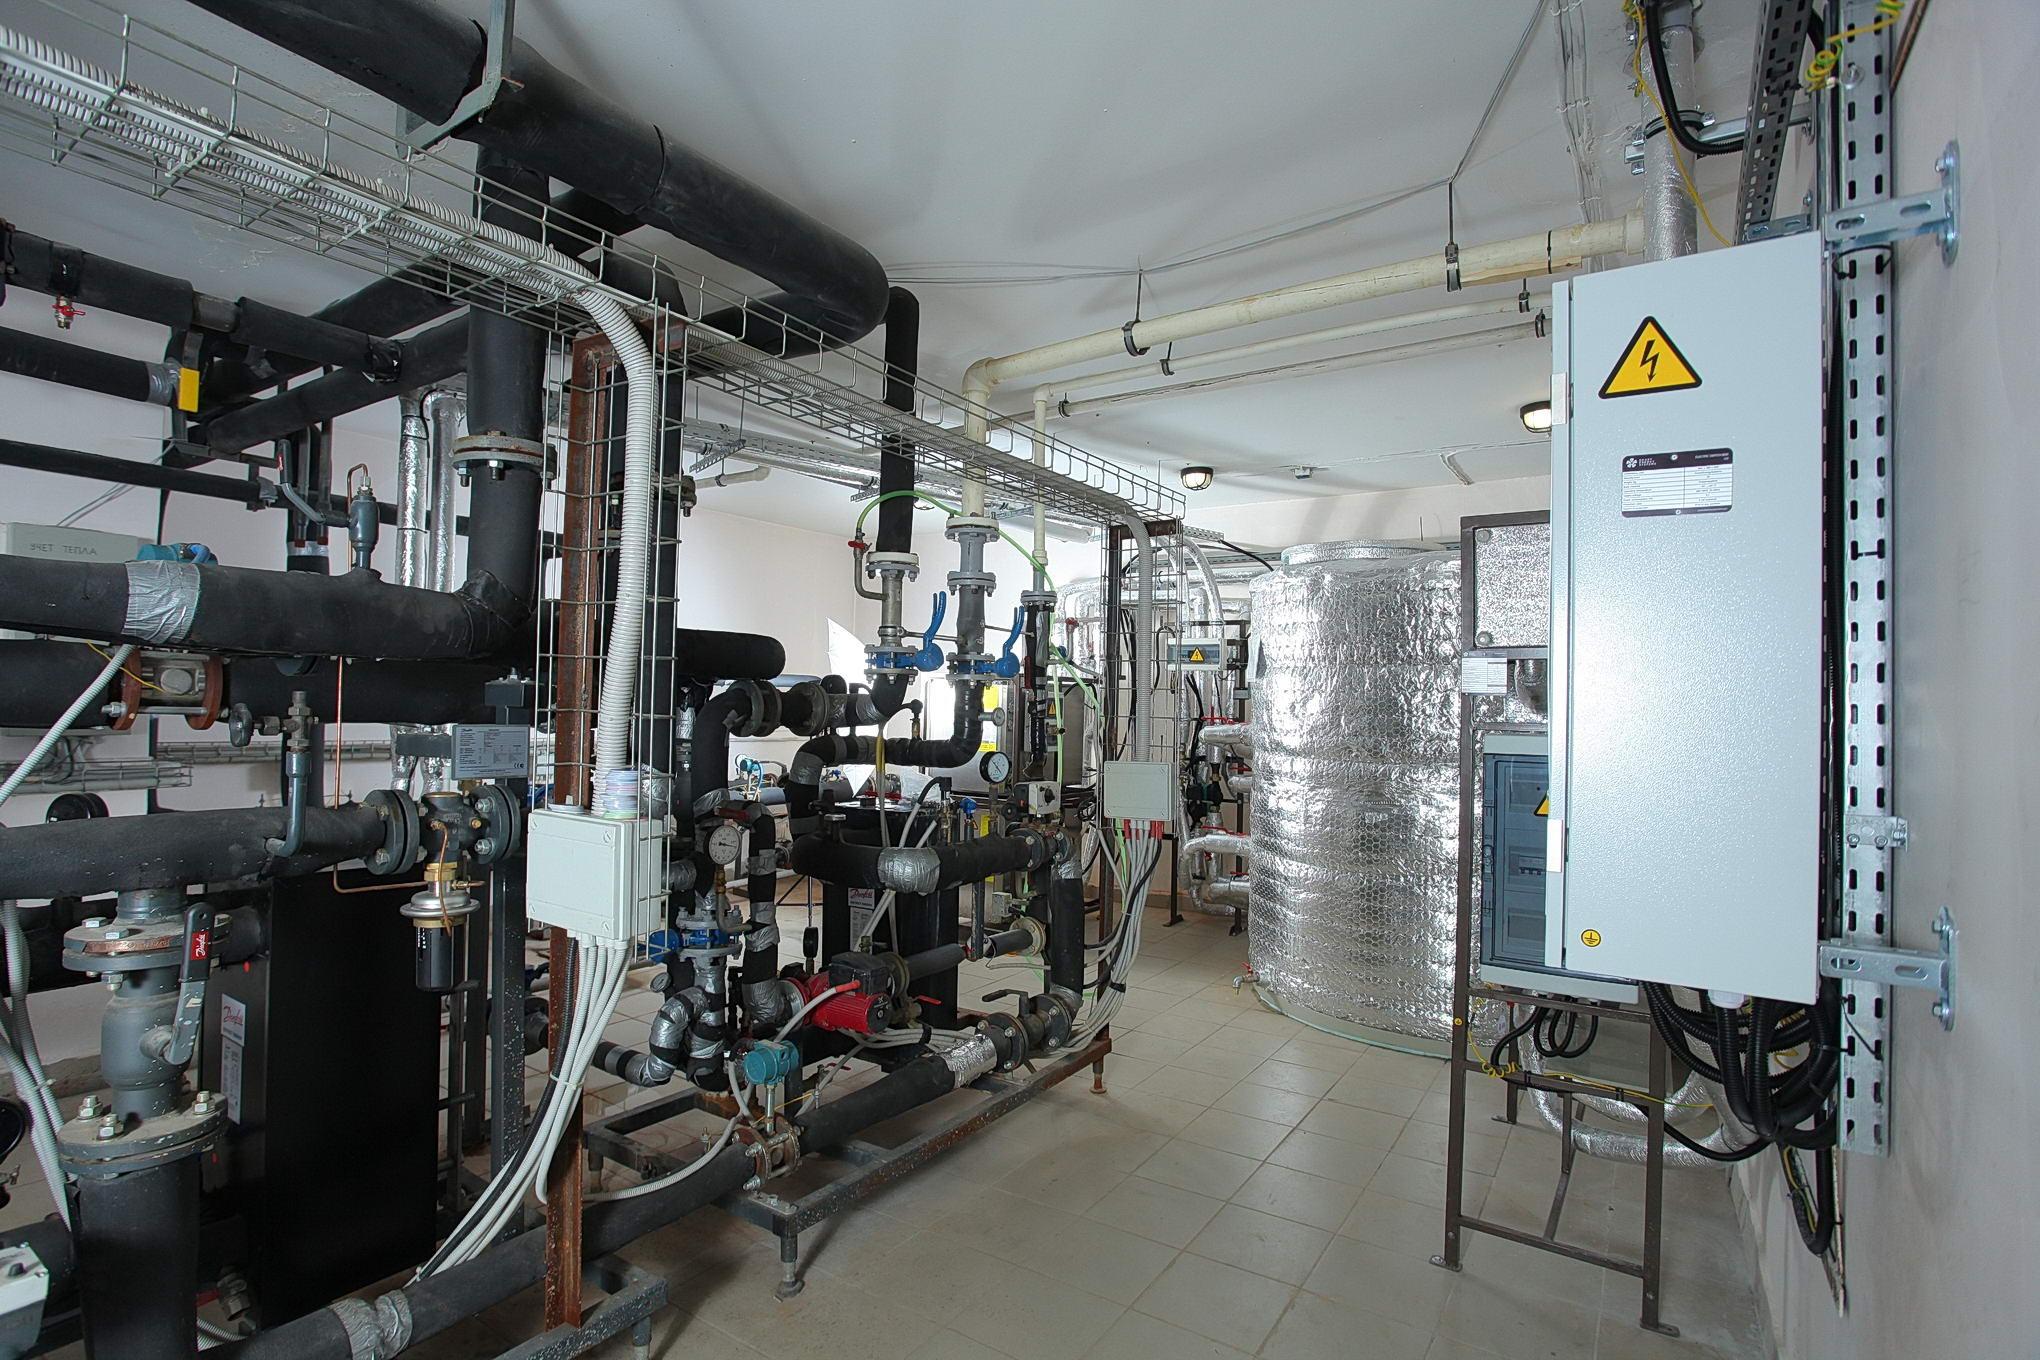 Система рекуперации тепла сточных вод. Фото предоставлено компанией «Кортрос»